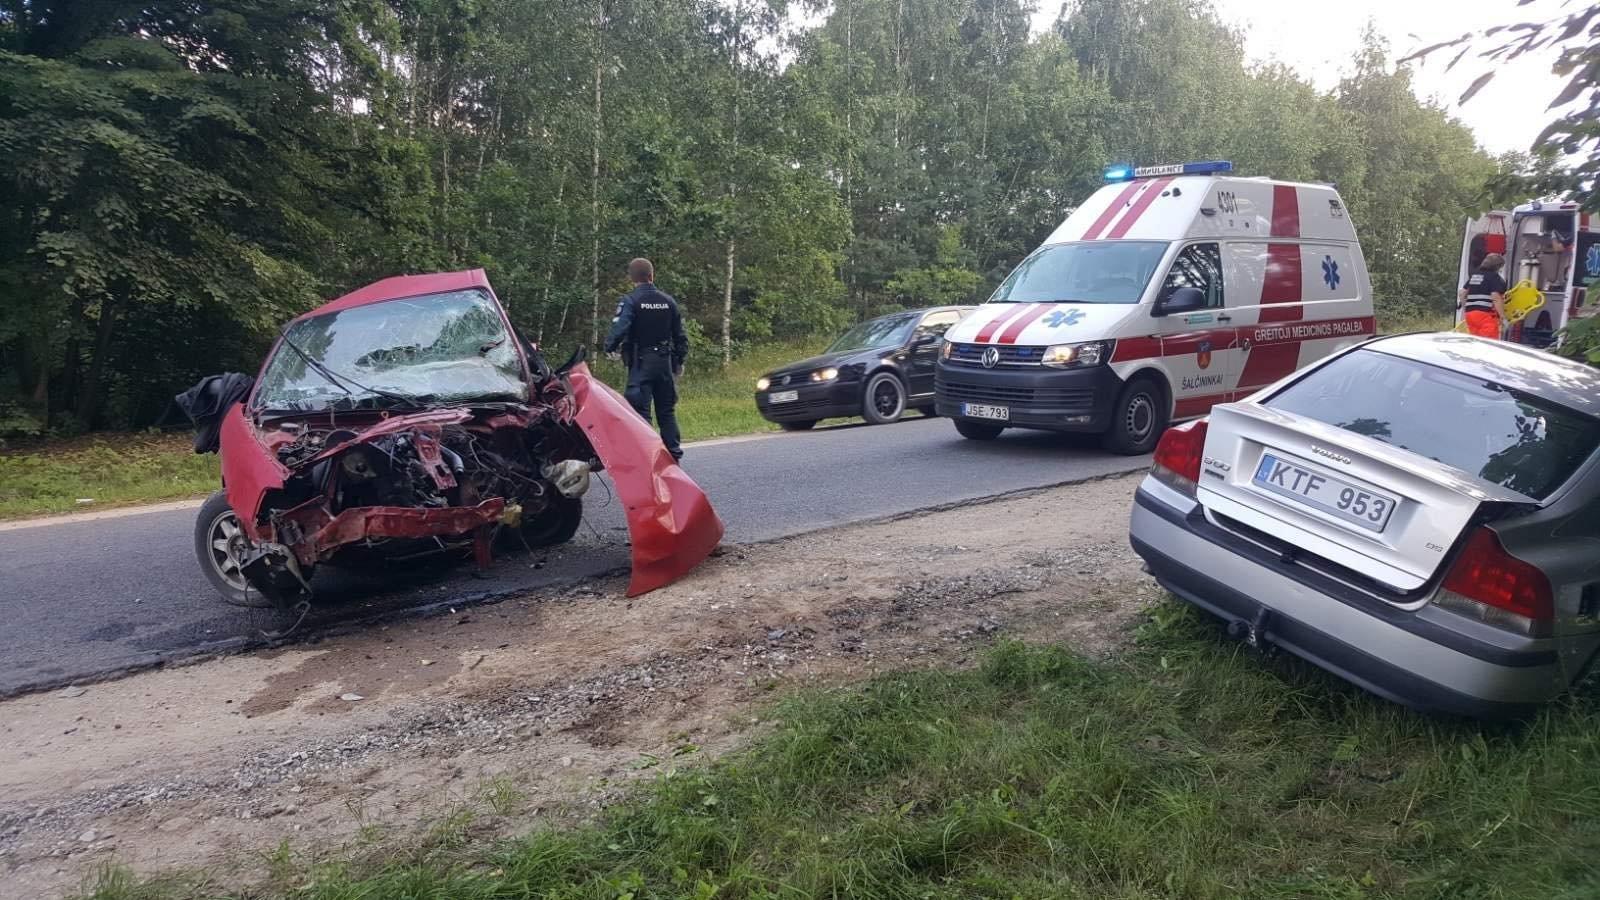 Лобовое столкновение двух авто произошло в Оршанском районе - трое пострадавших